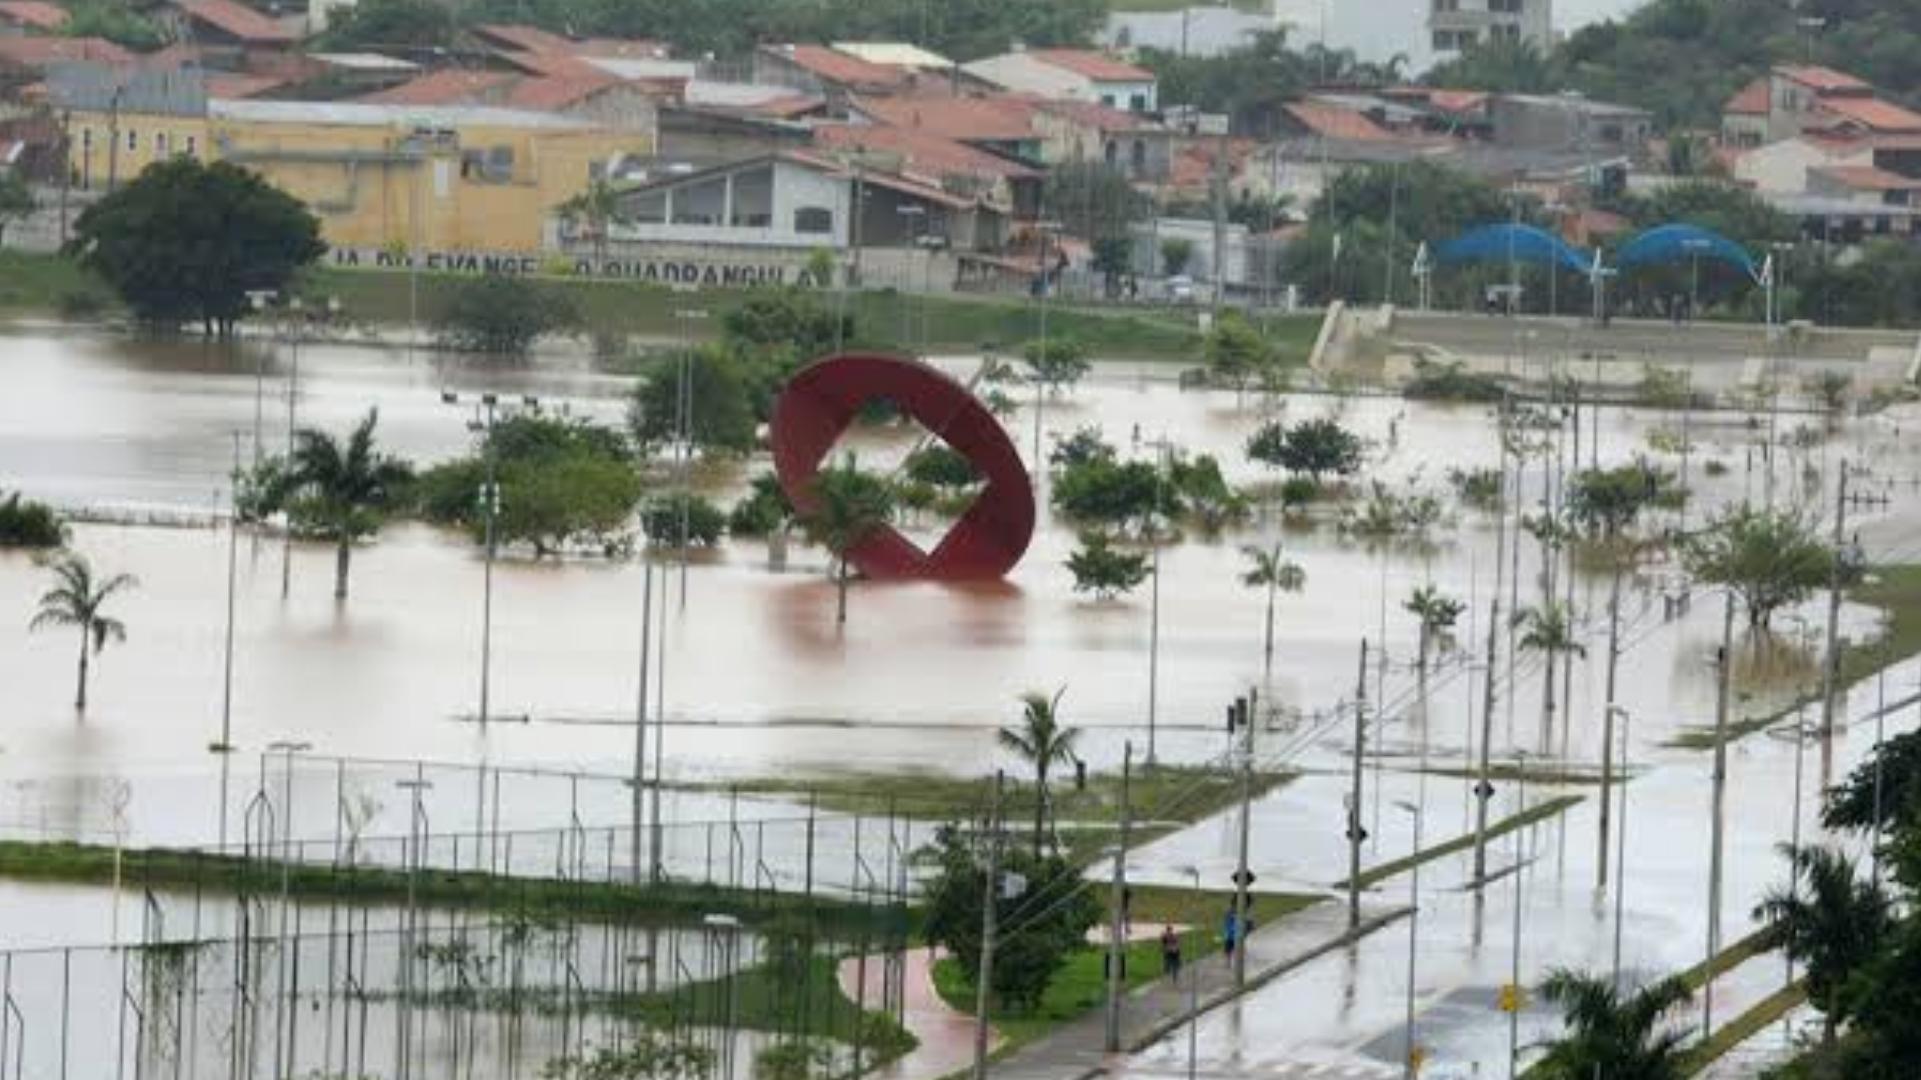 Hoje (21), pode chover em Sorocaba a mesma quantia esperada para todo mês de agosto